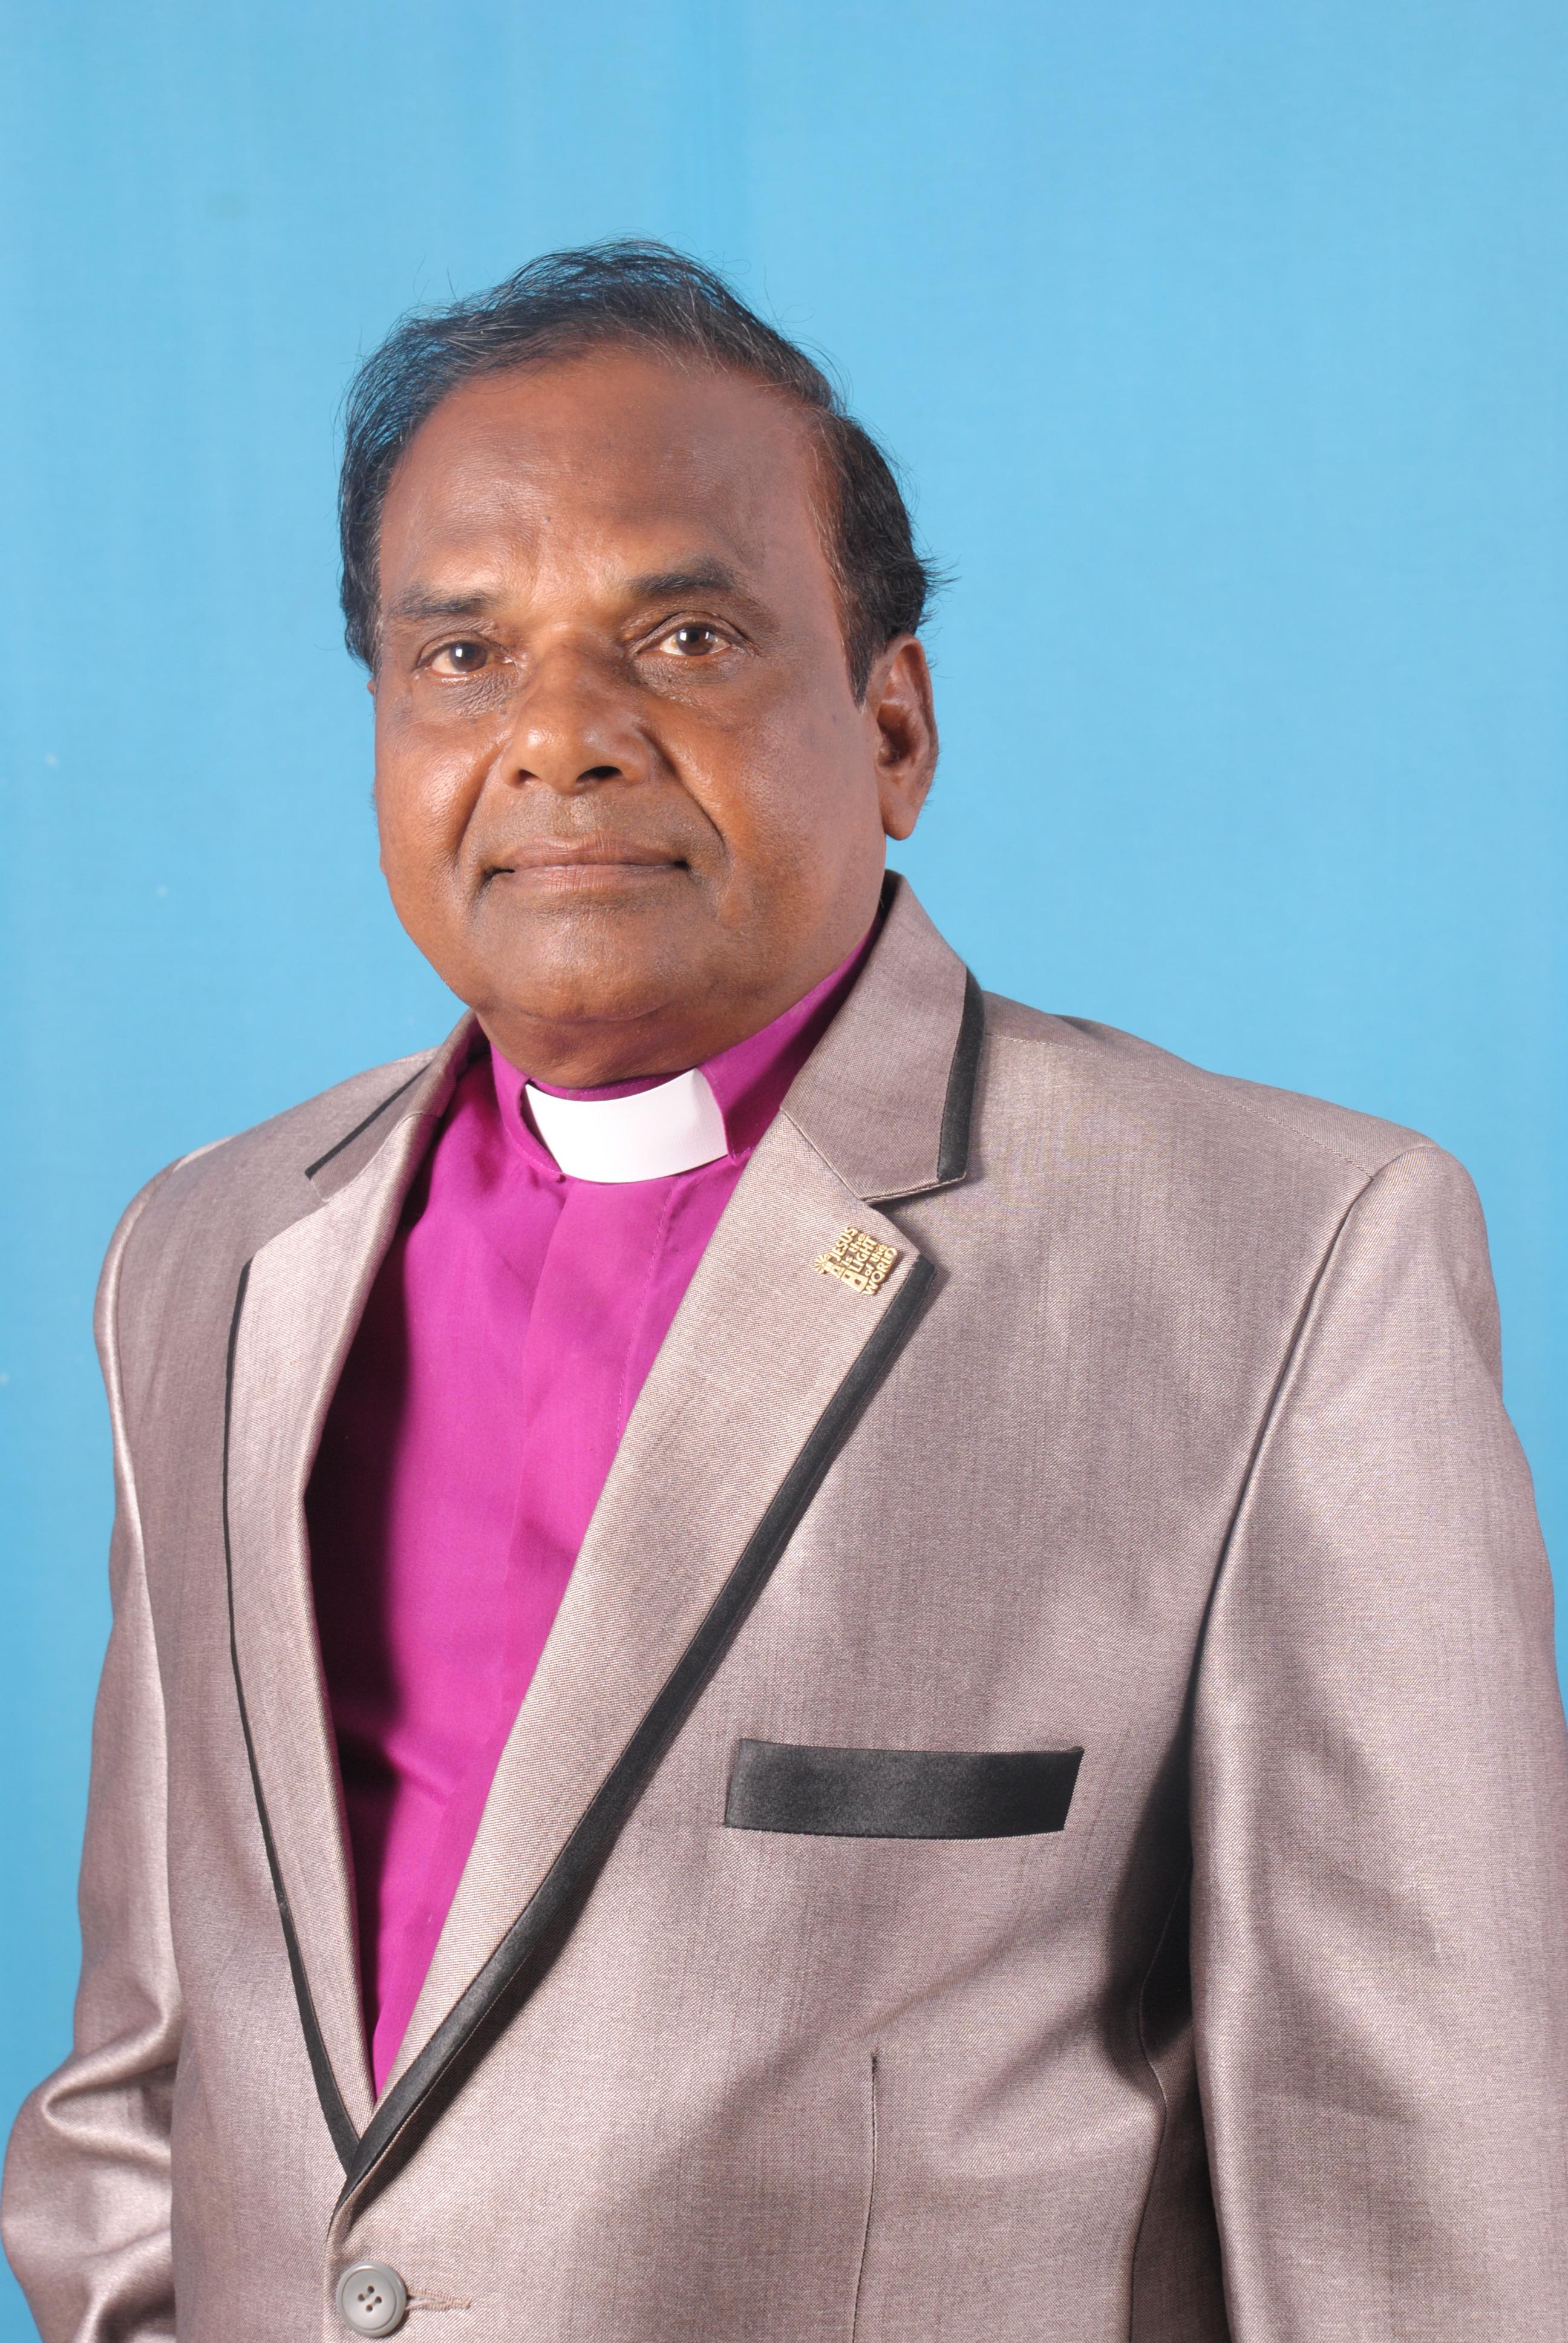 Bishop Rajakumar Zeal Gospel